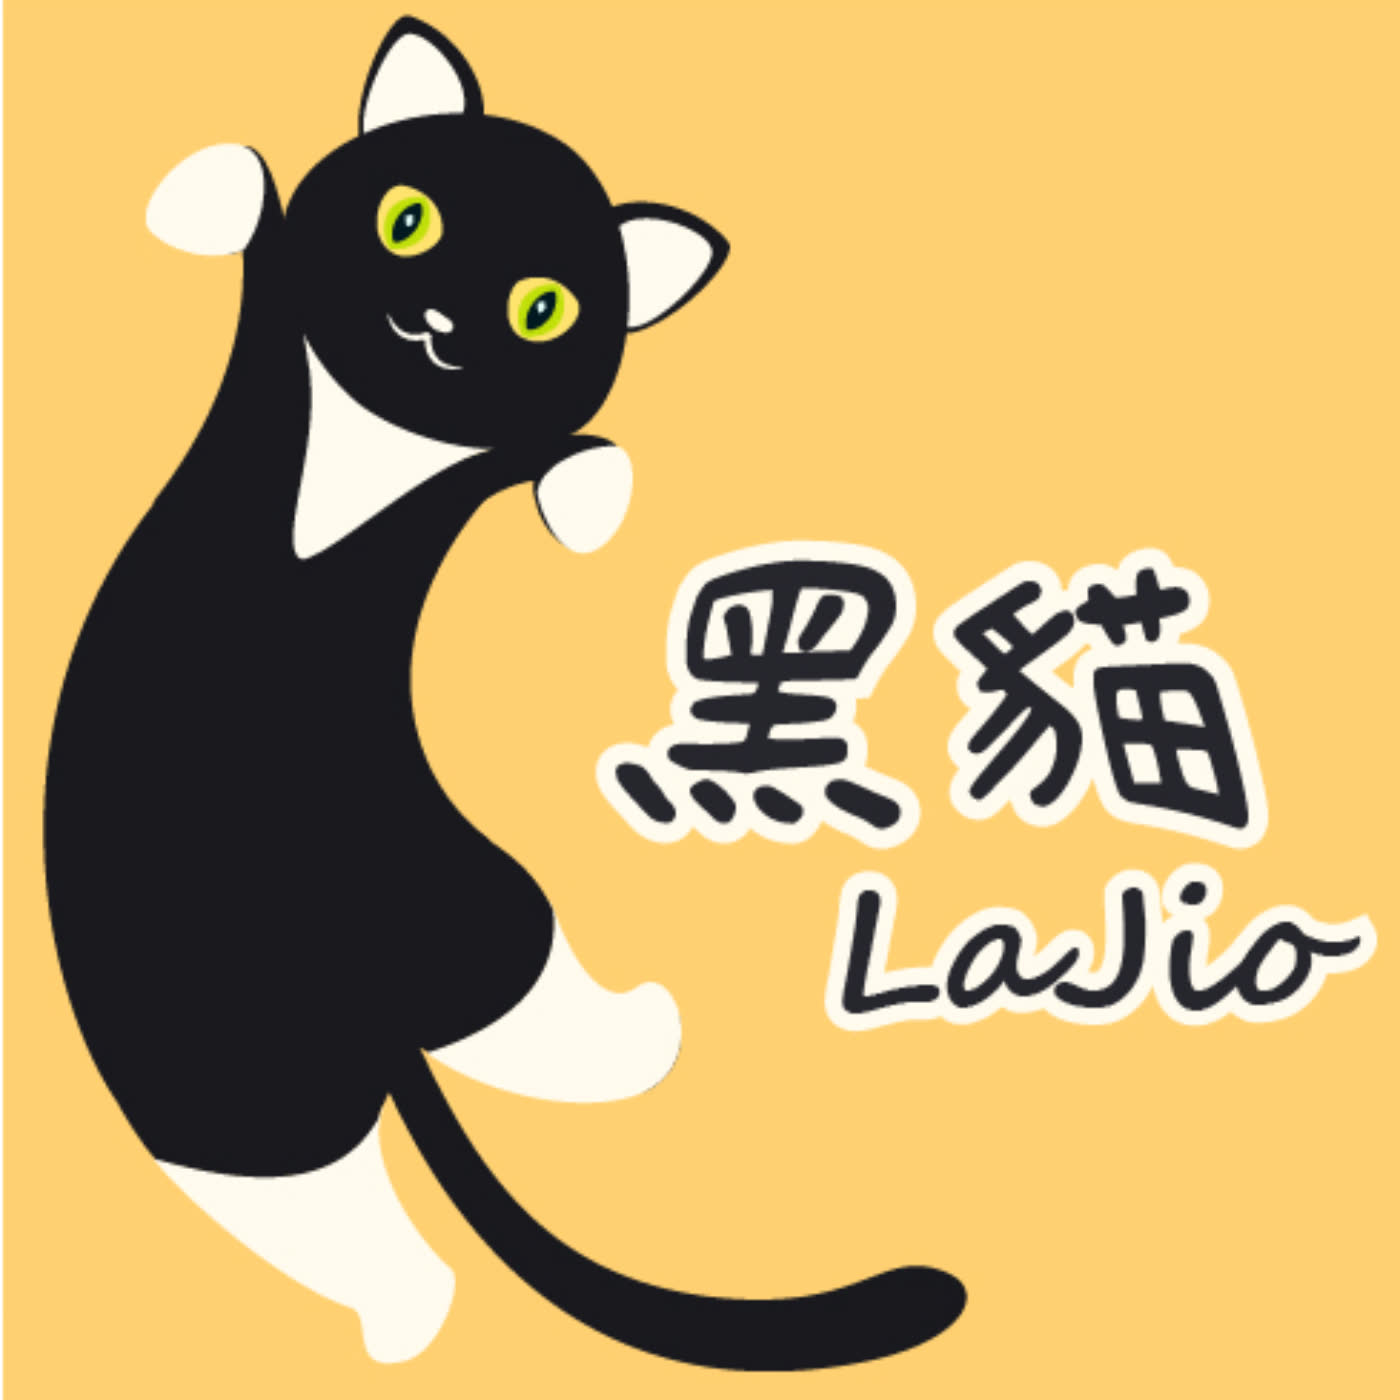 黑貓Lajio